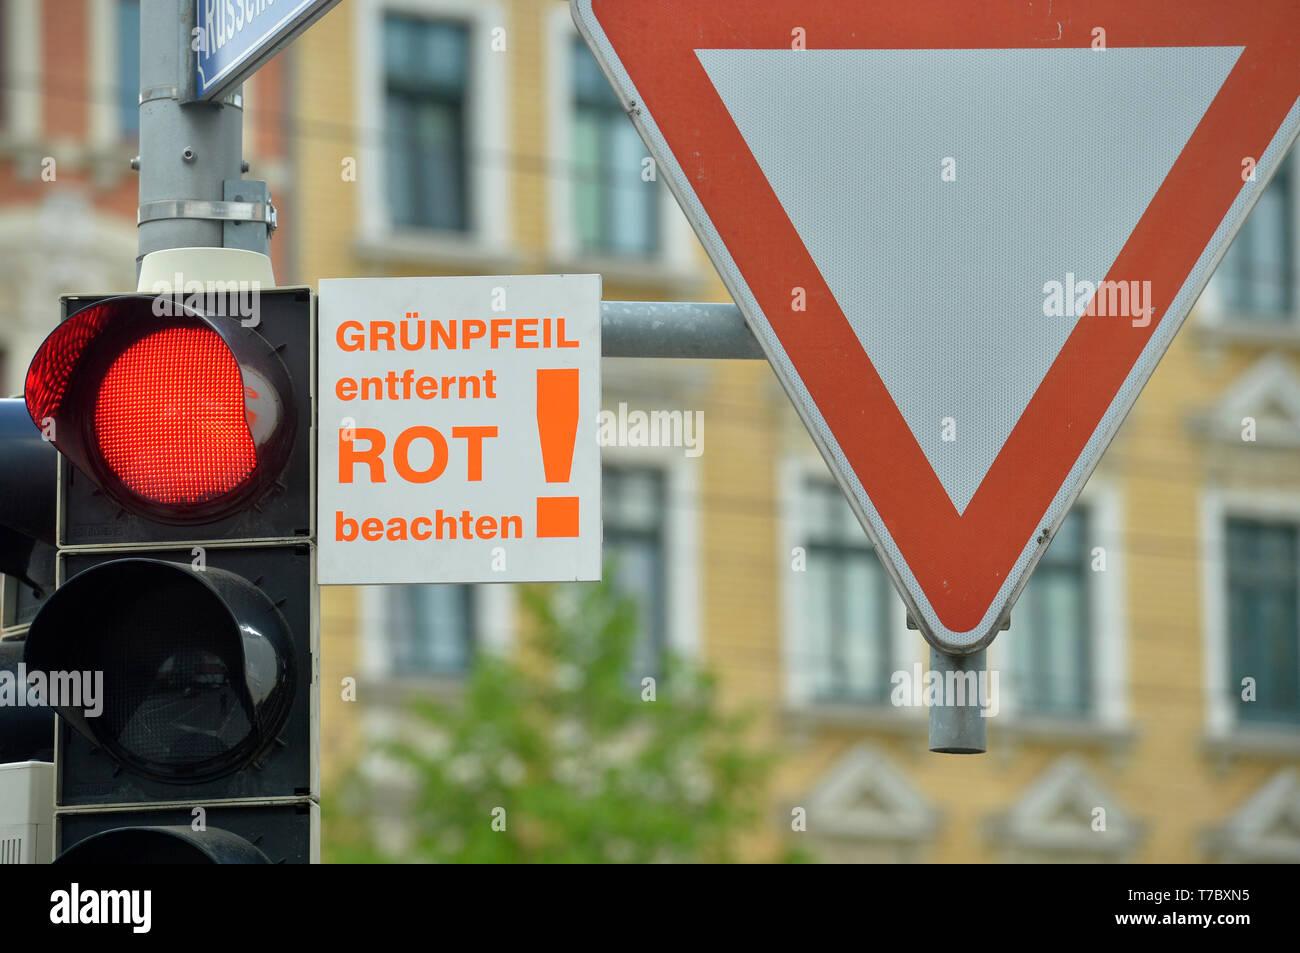 Leipzig, Alemania. 28 abr, 2019. 'Flecha Verde lejos nota roja' está en un semáforo en la Prager Straße en Leipzig. La flecha verde, que no se enciende, hace posible que gire a la derecha en el cruce en rojo, mientras que la observación de las reglas de derecho de paso. Crédito: Volkmar Heinz/dpa-Zentralbild/ZB/dpa/Alamy Live News Foto de stock